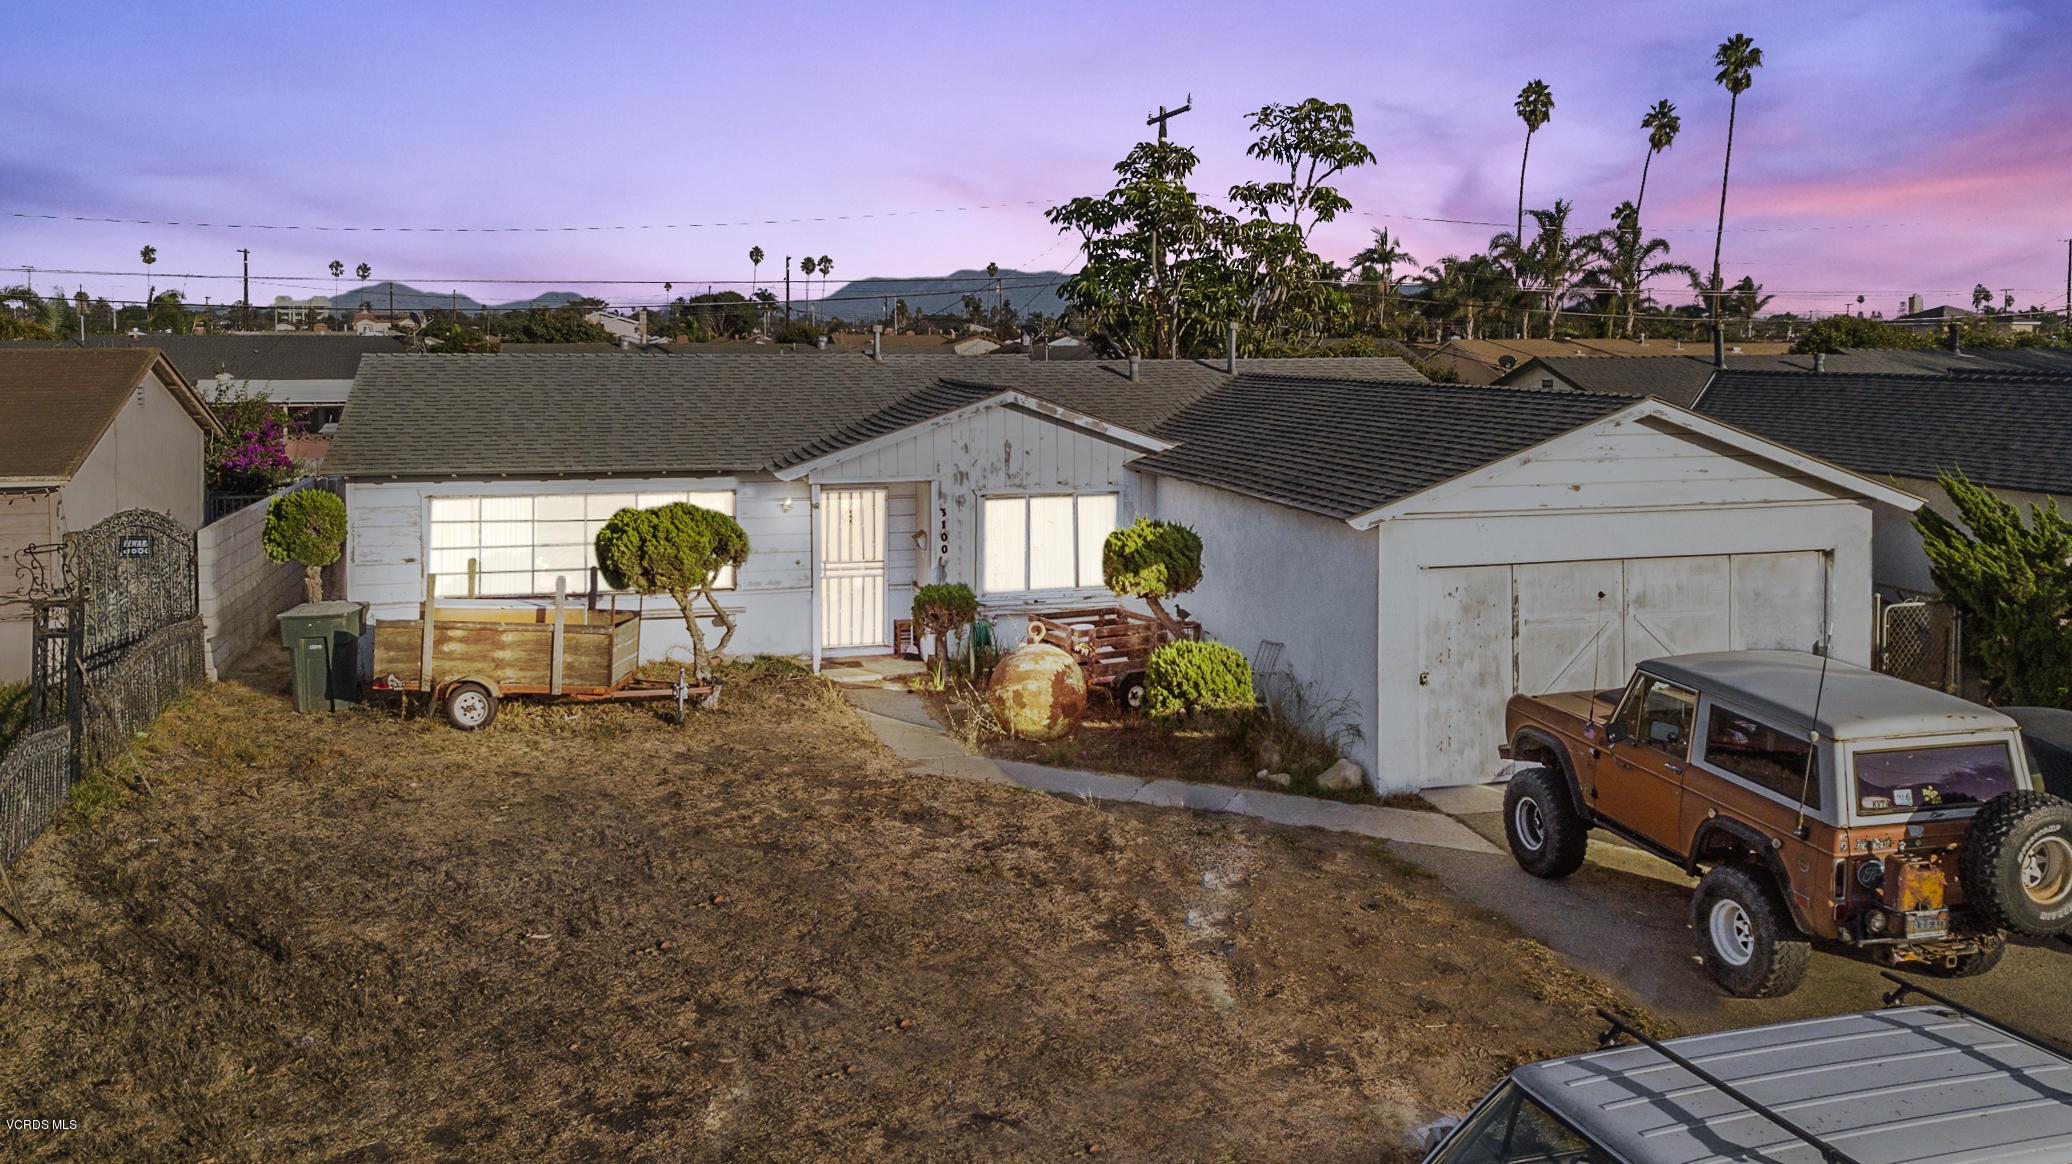 3100 S L Street, Oxnard, CA 93033